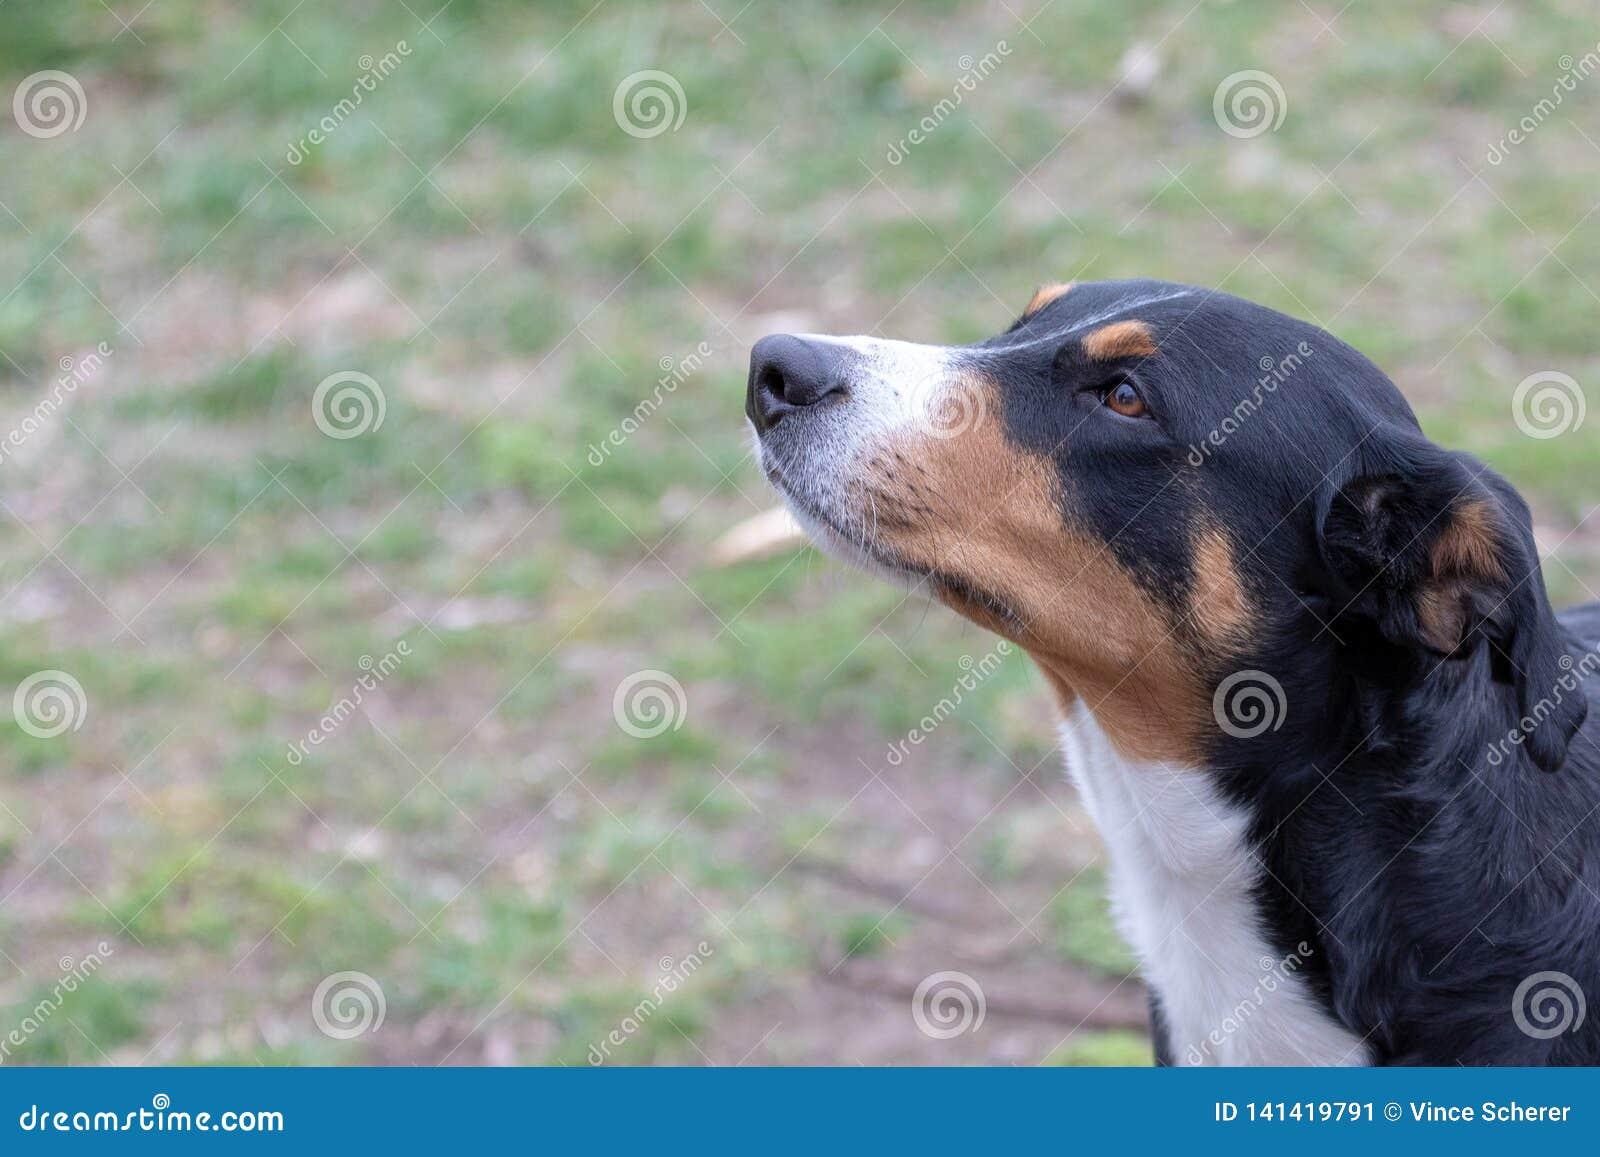 Dog Face Portrait Appenzeller Sennenhund Mountaindog